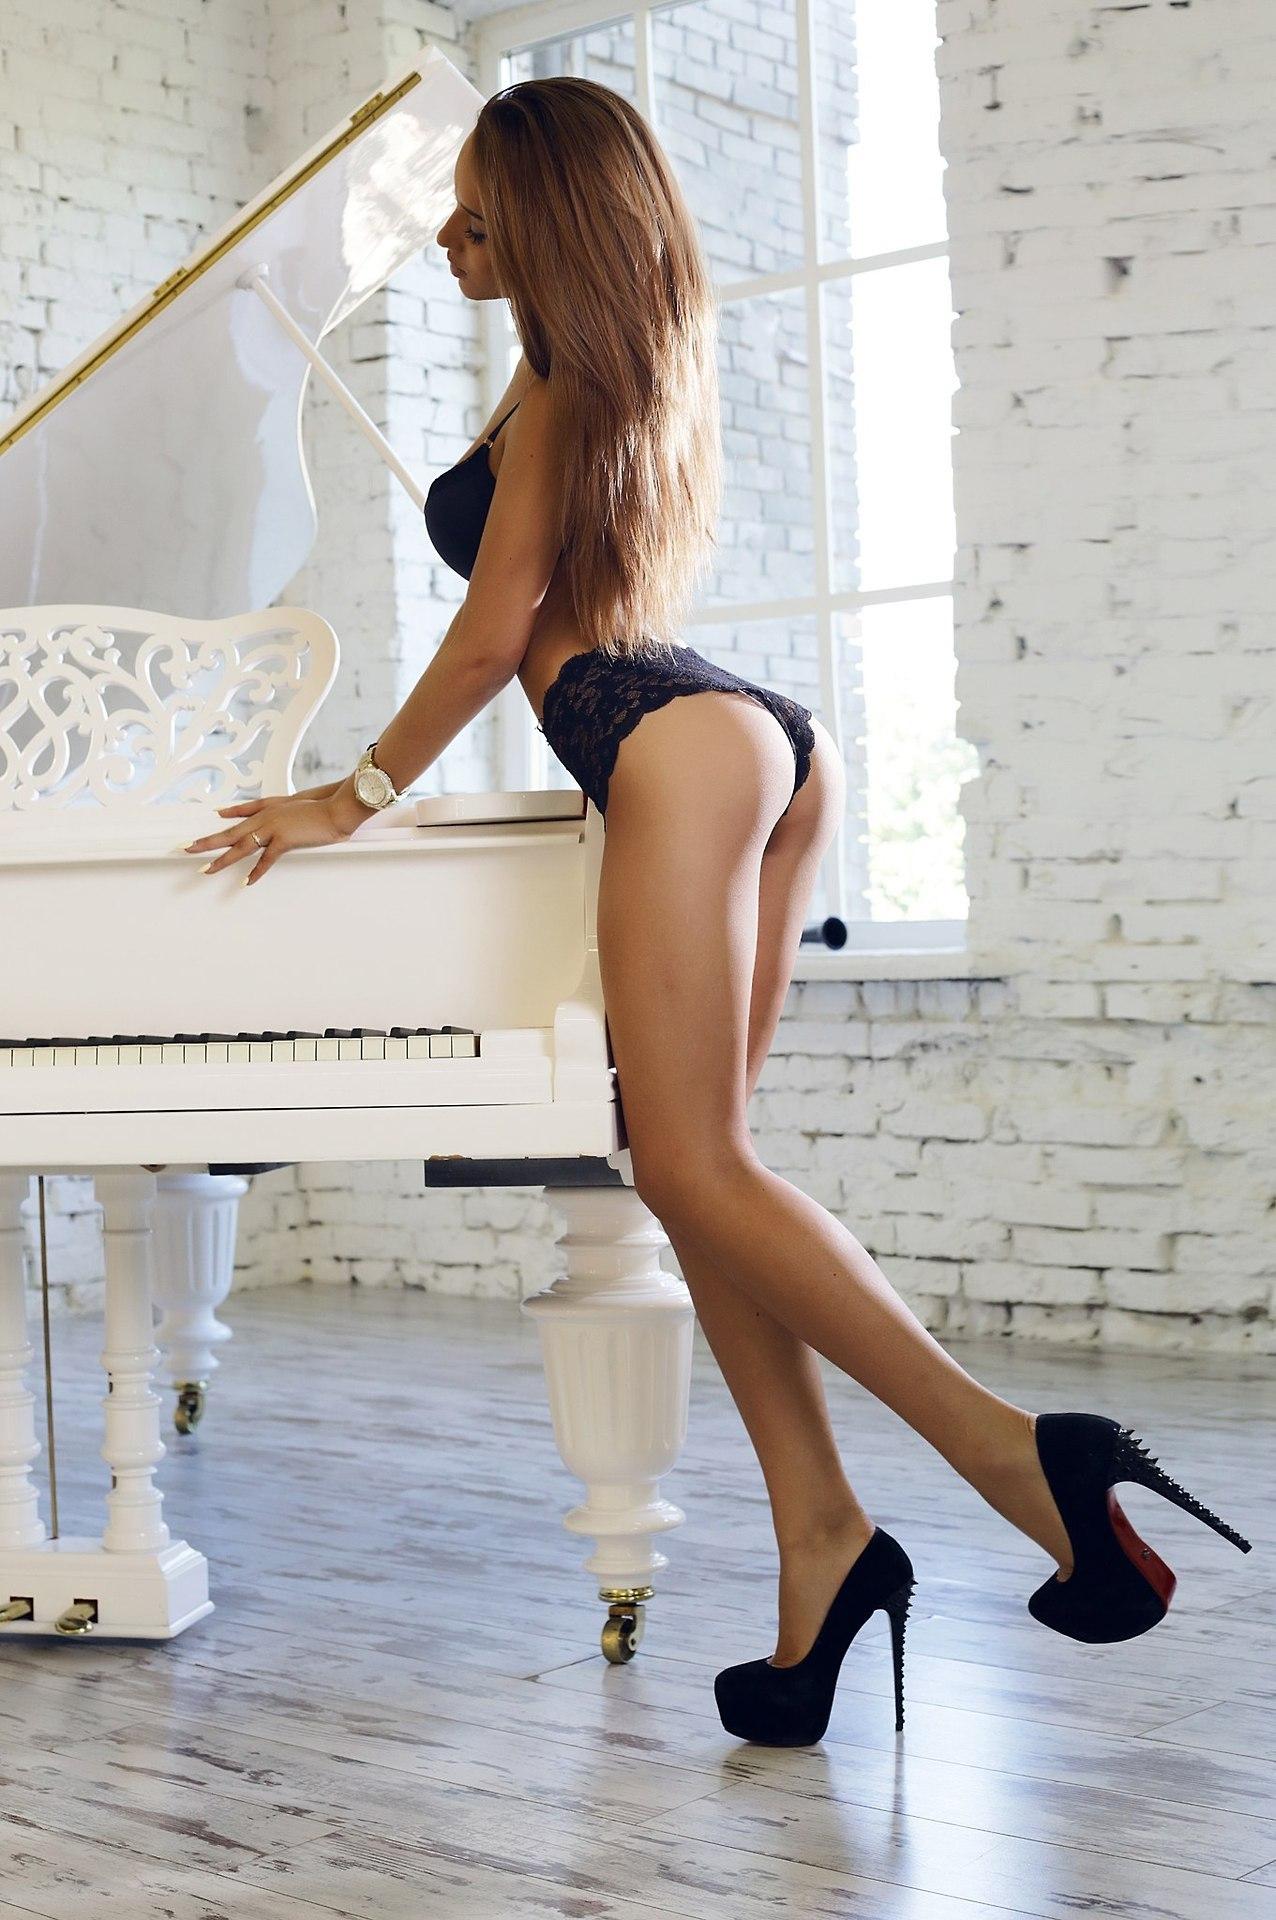 hot curvy girl in lingerie